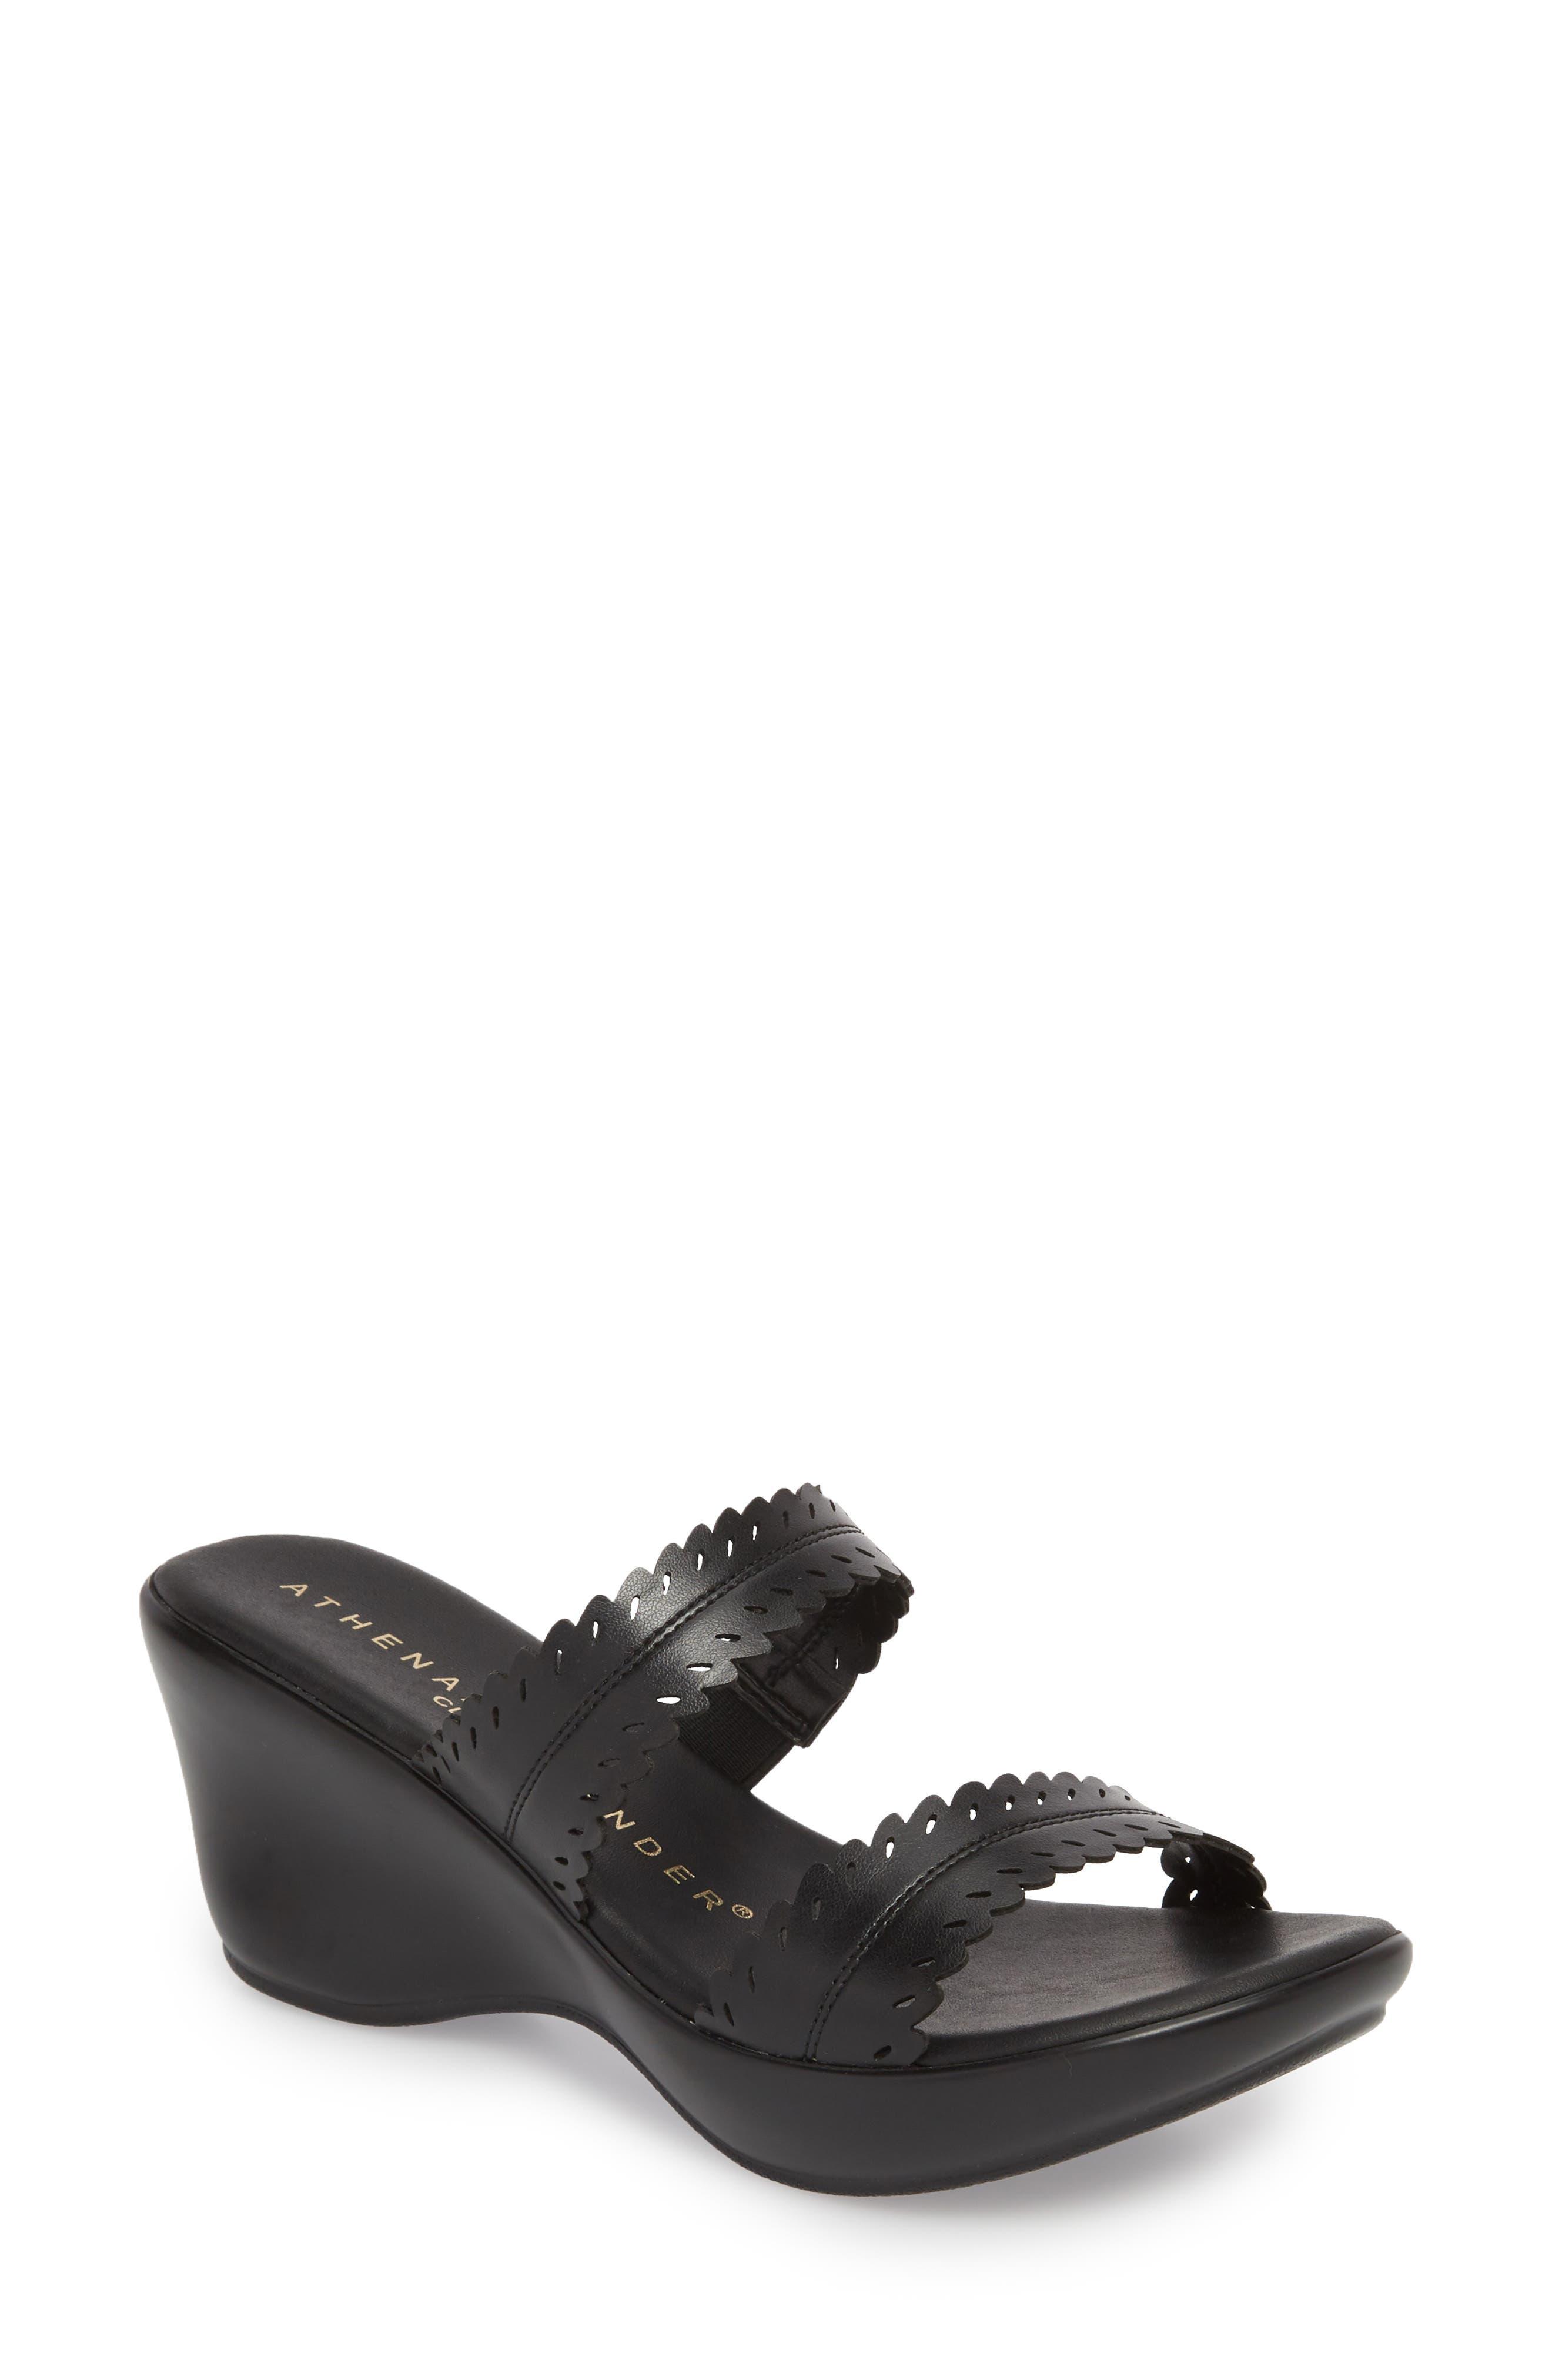 Athena Alexander Pouty Wedge Sandal- Black